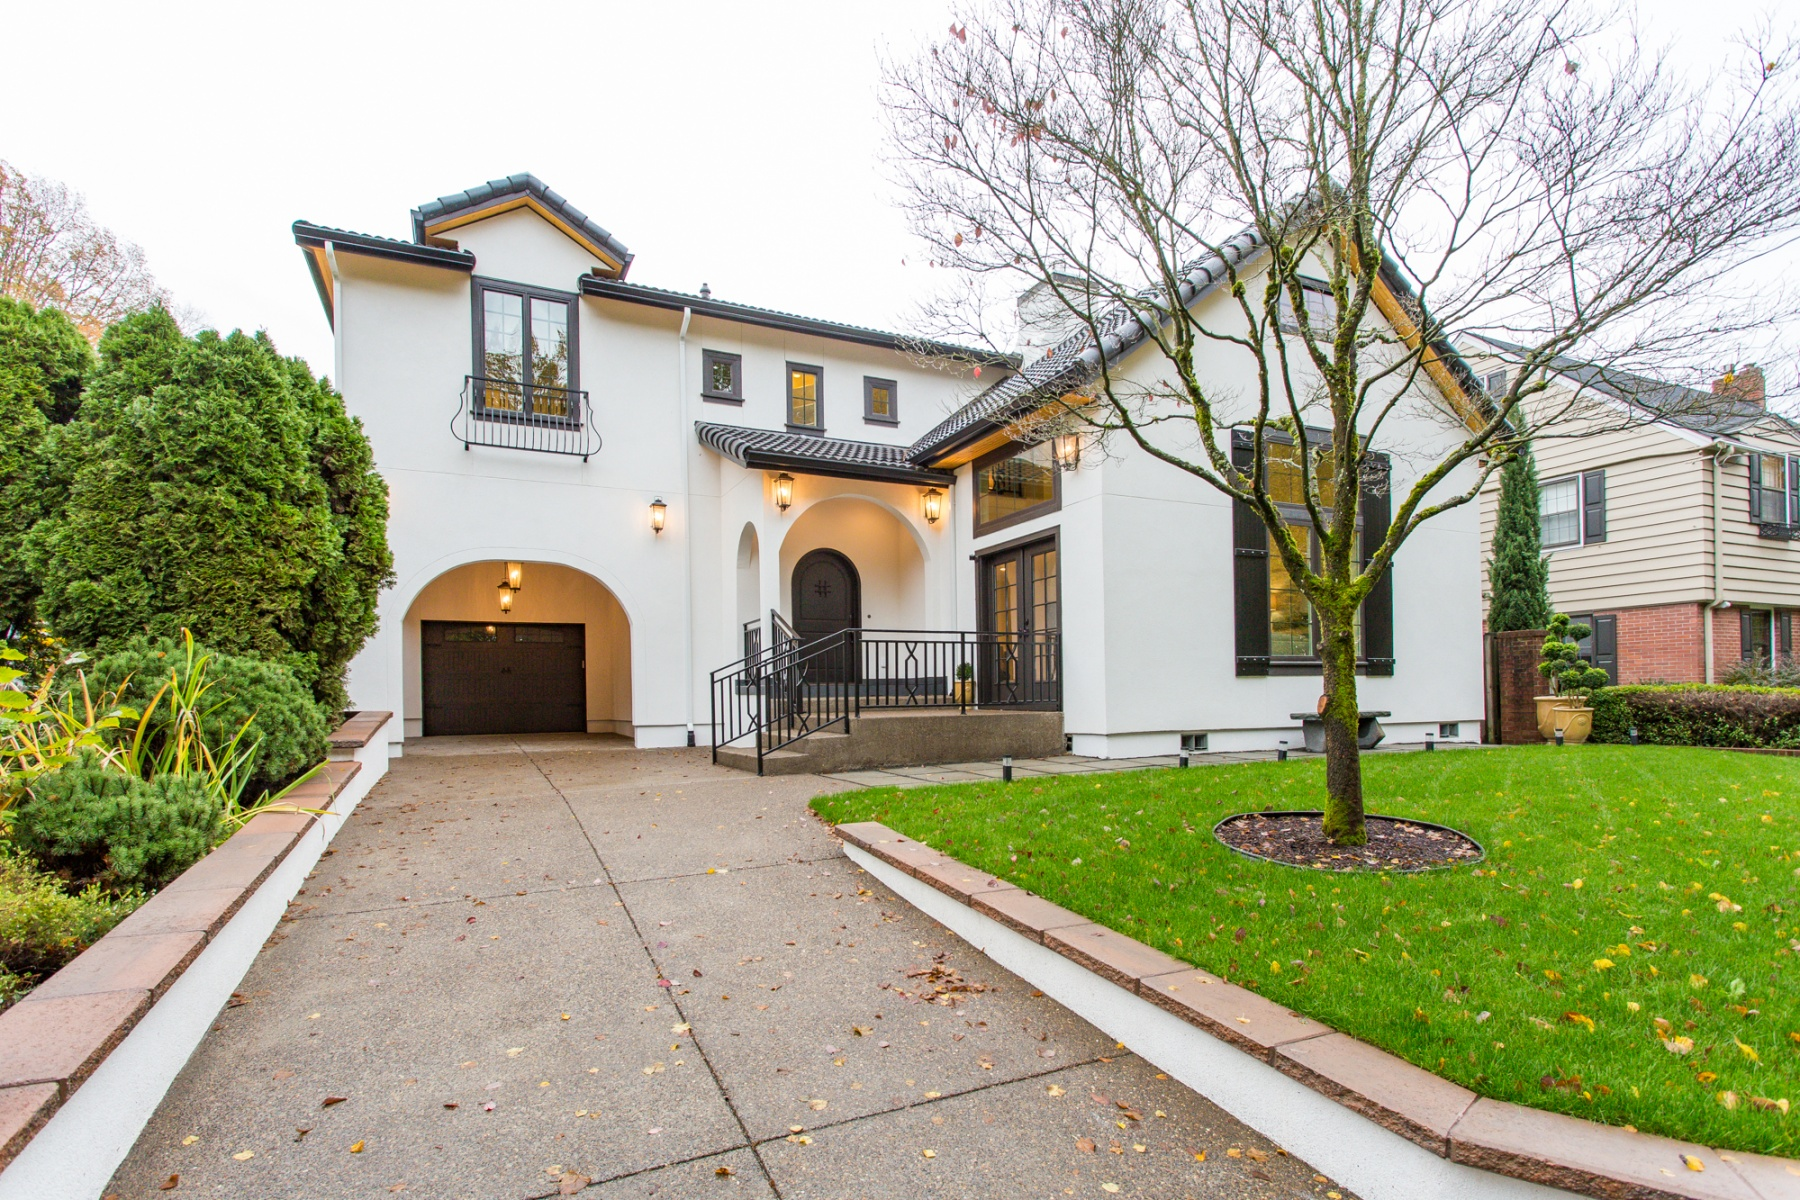 Nhà ở một gia đình vì Bán tại Brand New Build on Iconic Reed College Pl! 7110 SE REED COLLEGE Pl Portland, Oregon, 97202 Hoa Kỳ